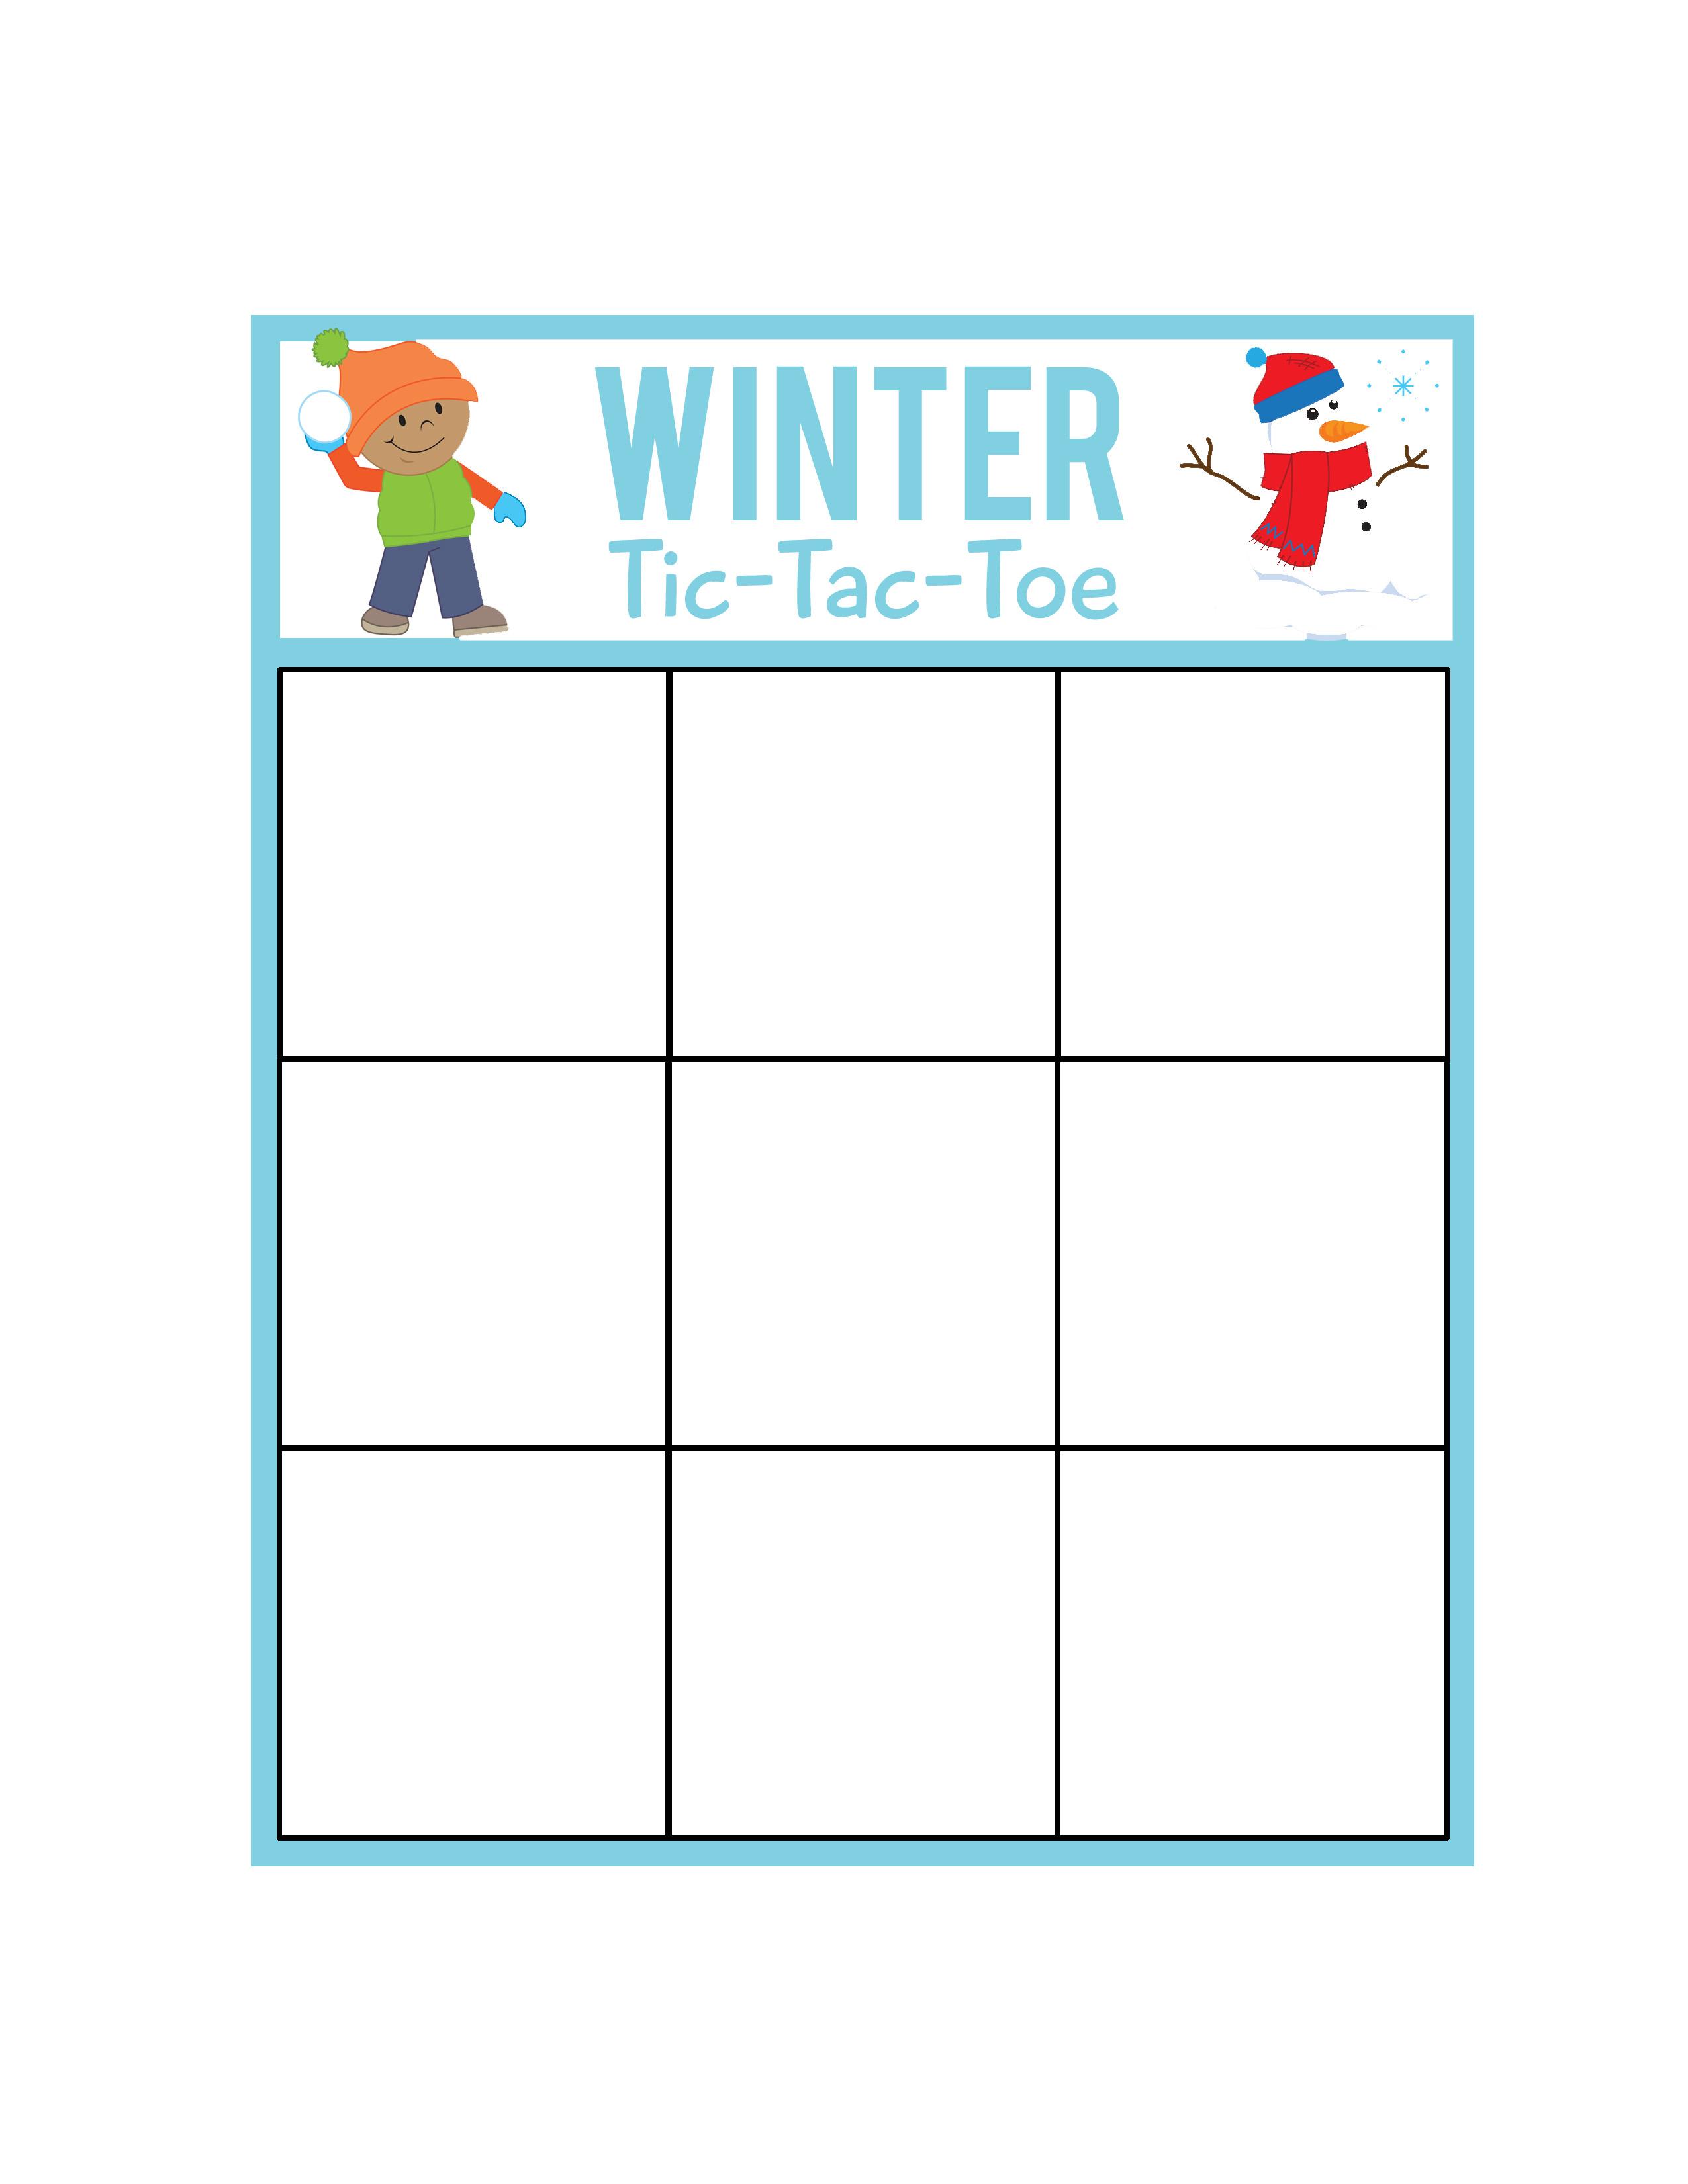 winter-tic-tac-toe-3-copy